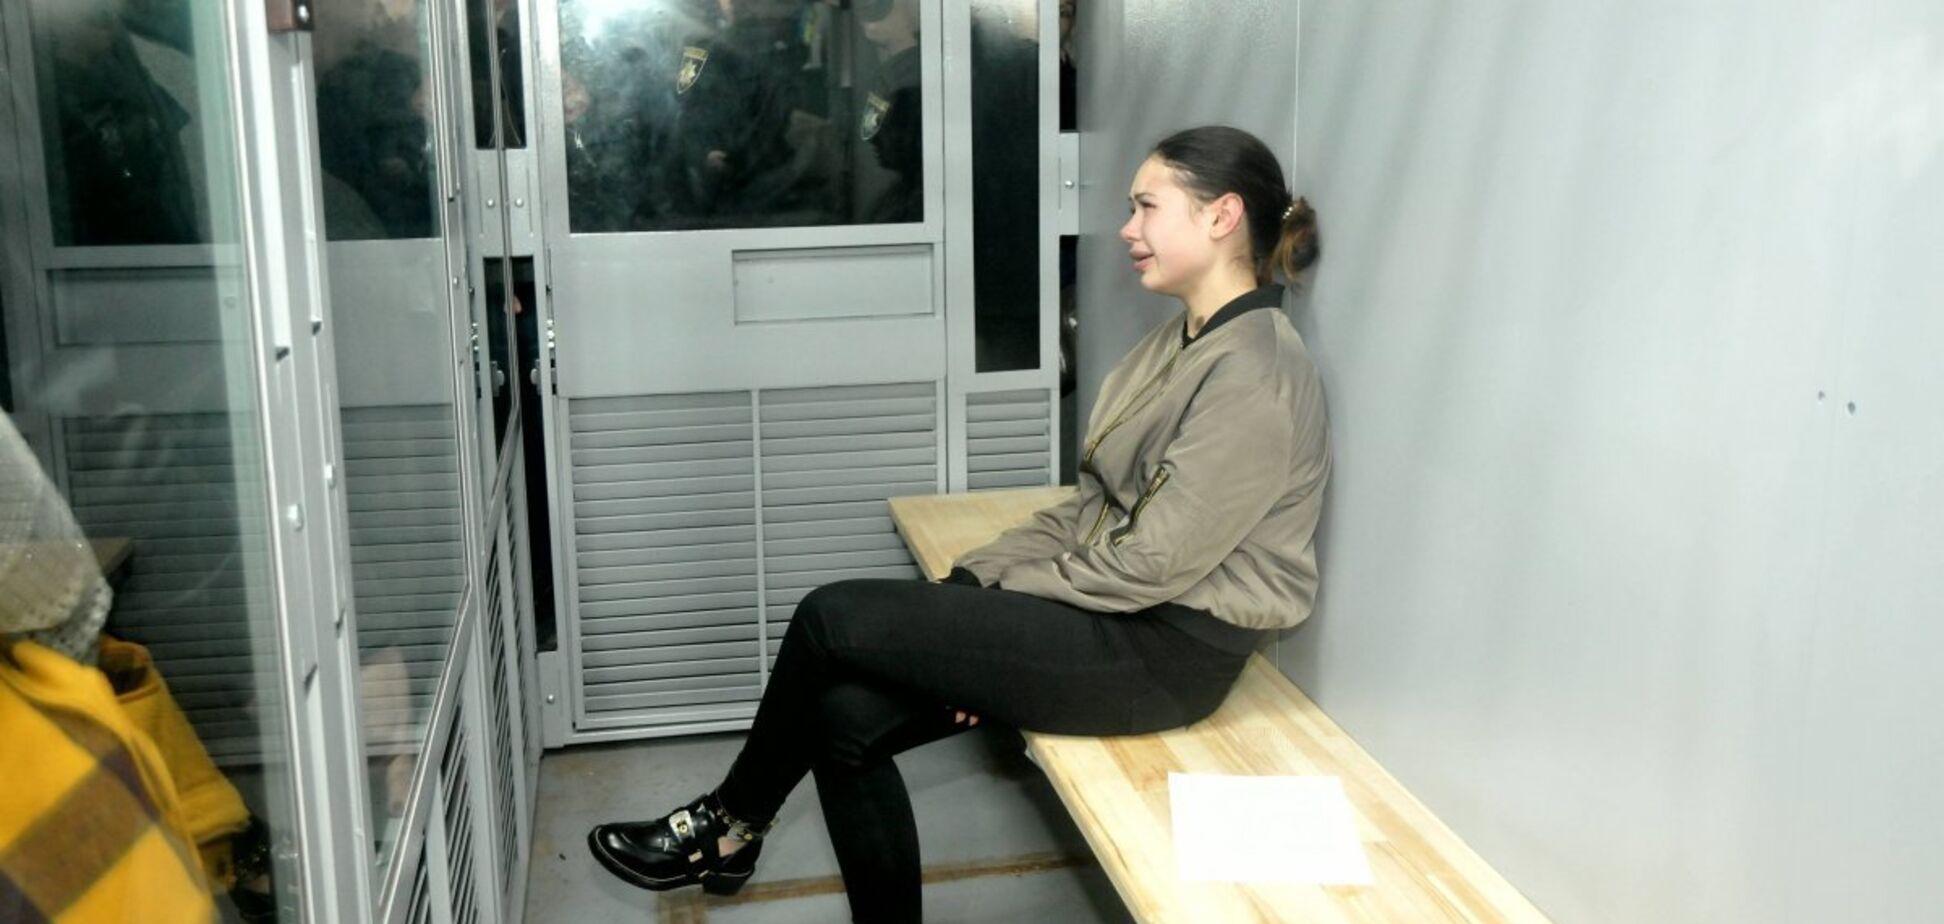 ДТП у Харкові: стало відомо, куди зник головний свідок